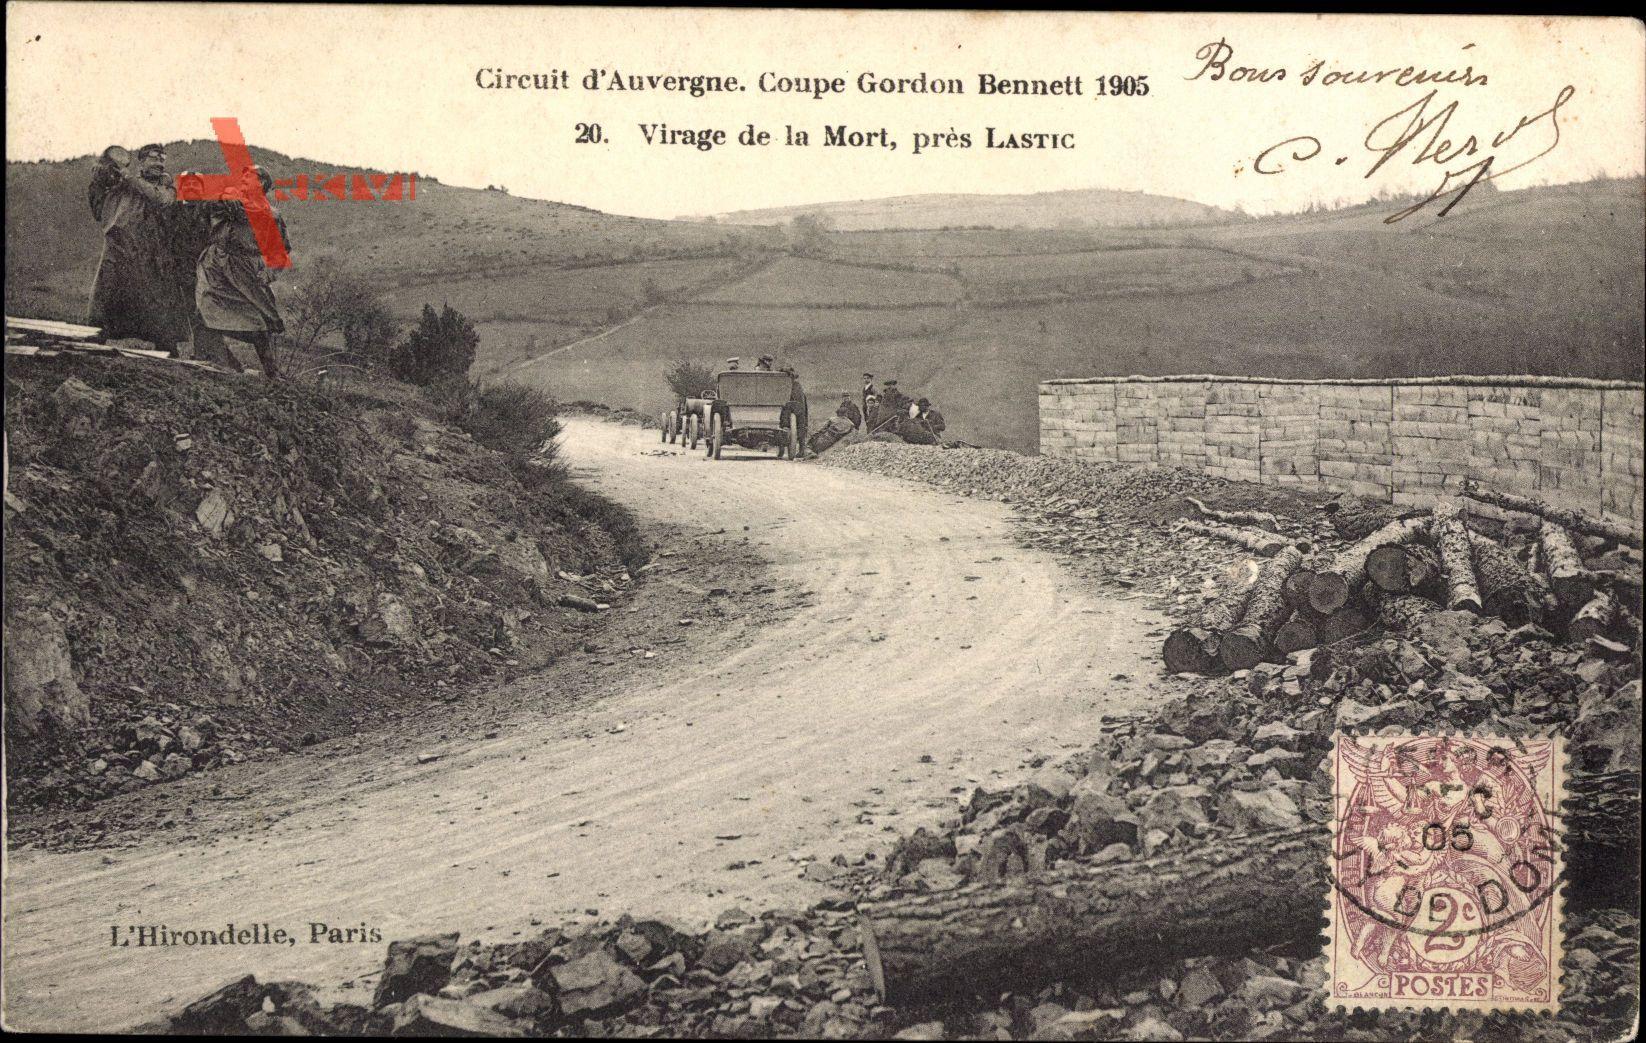 Circuit dAuvergne, Coupe Gordon Bennett 1905, Virage de la Mort, près Lastic